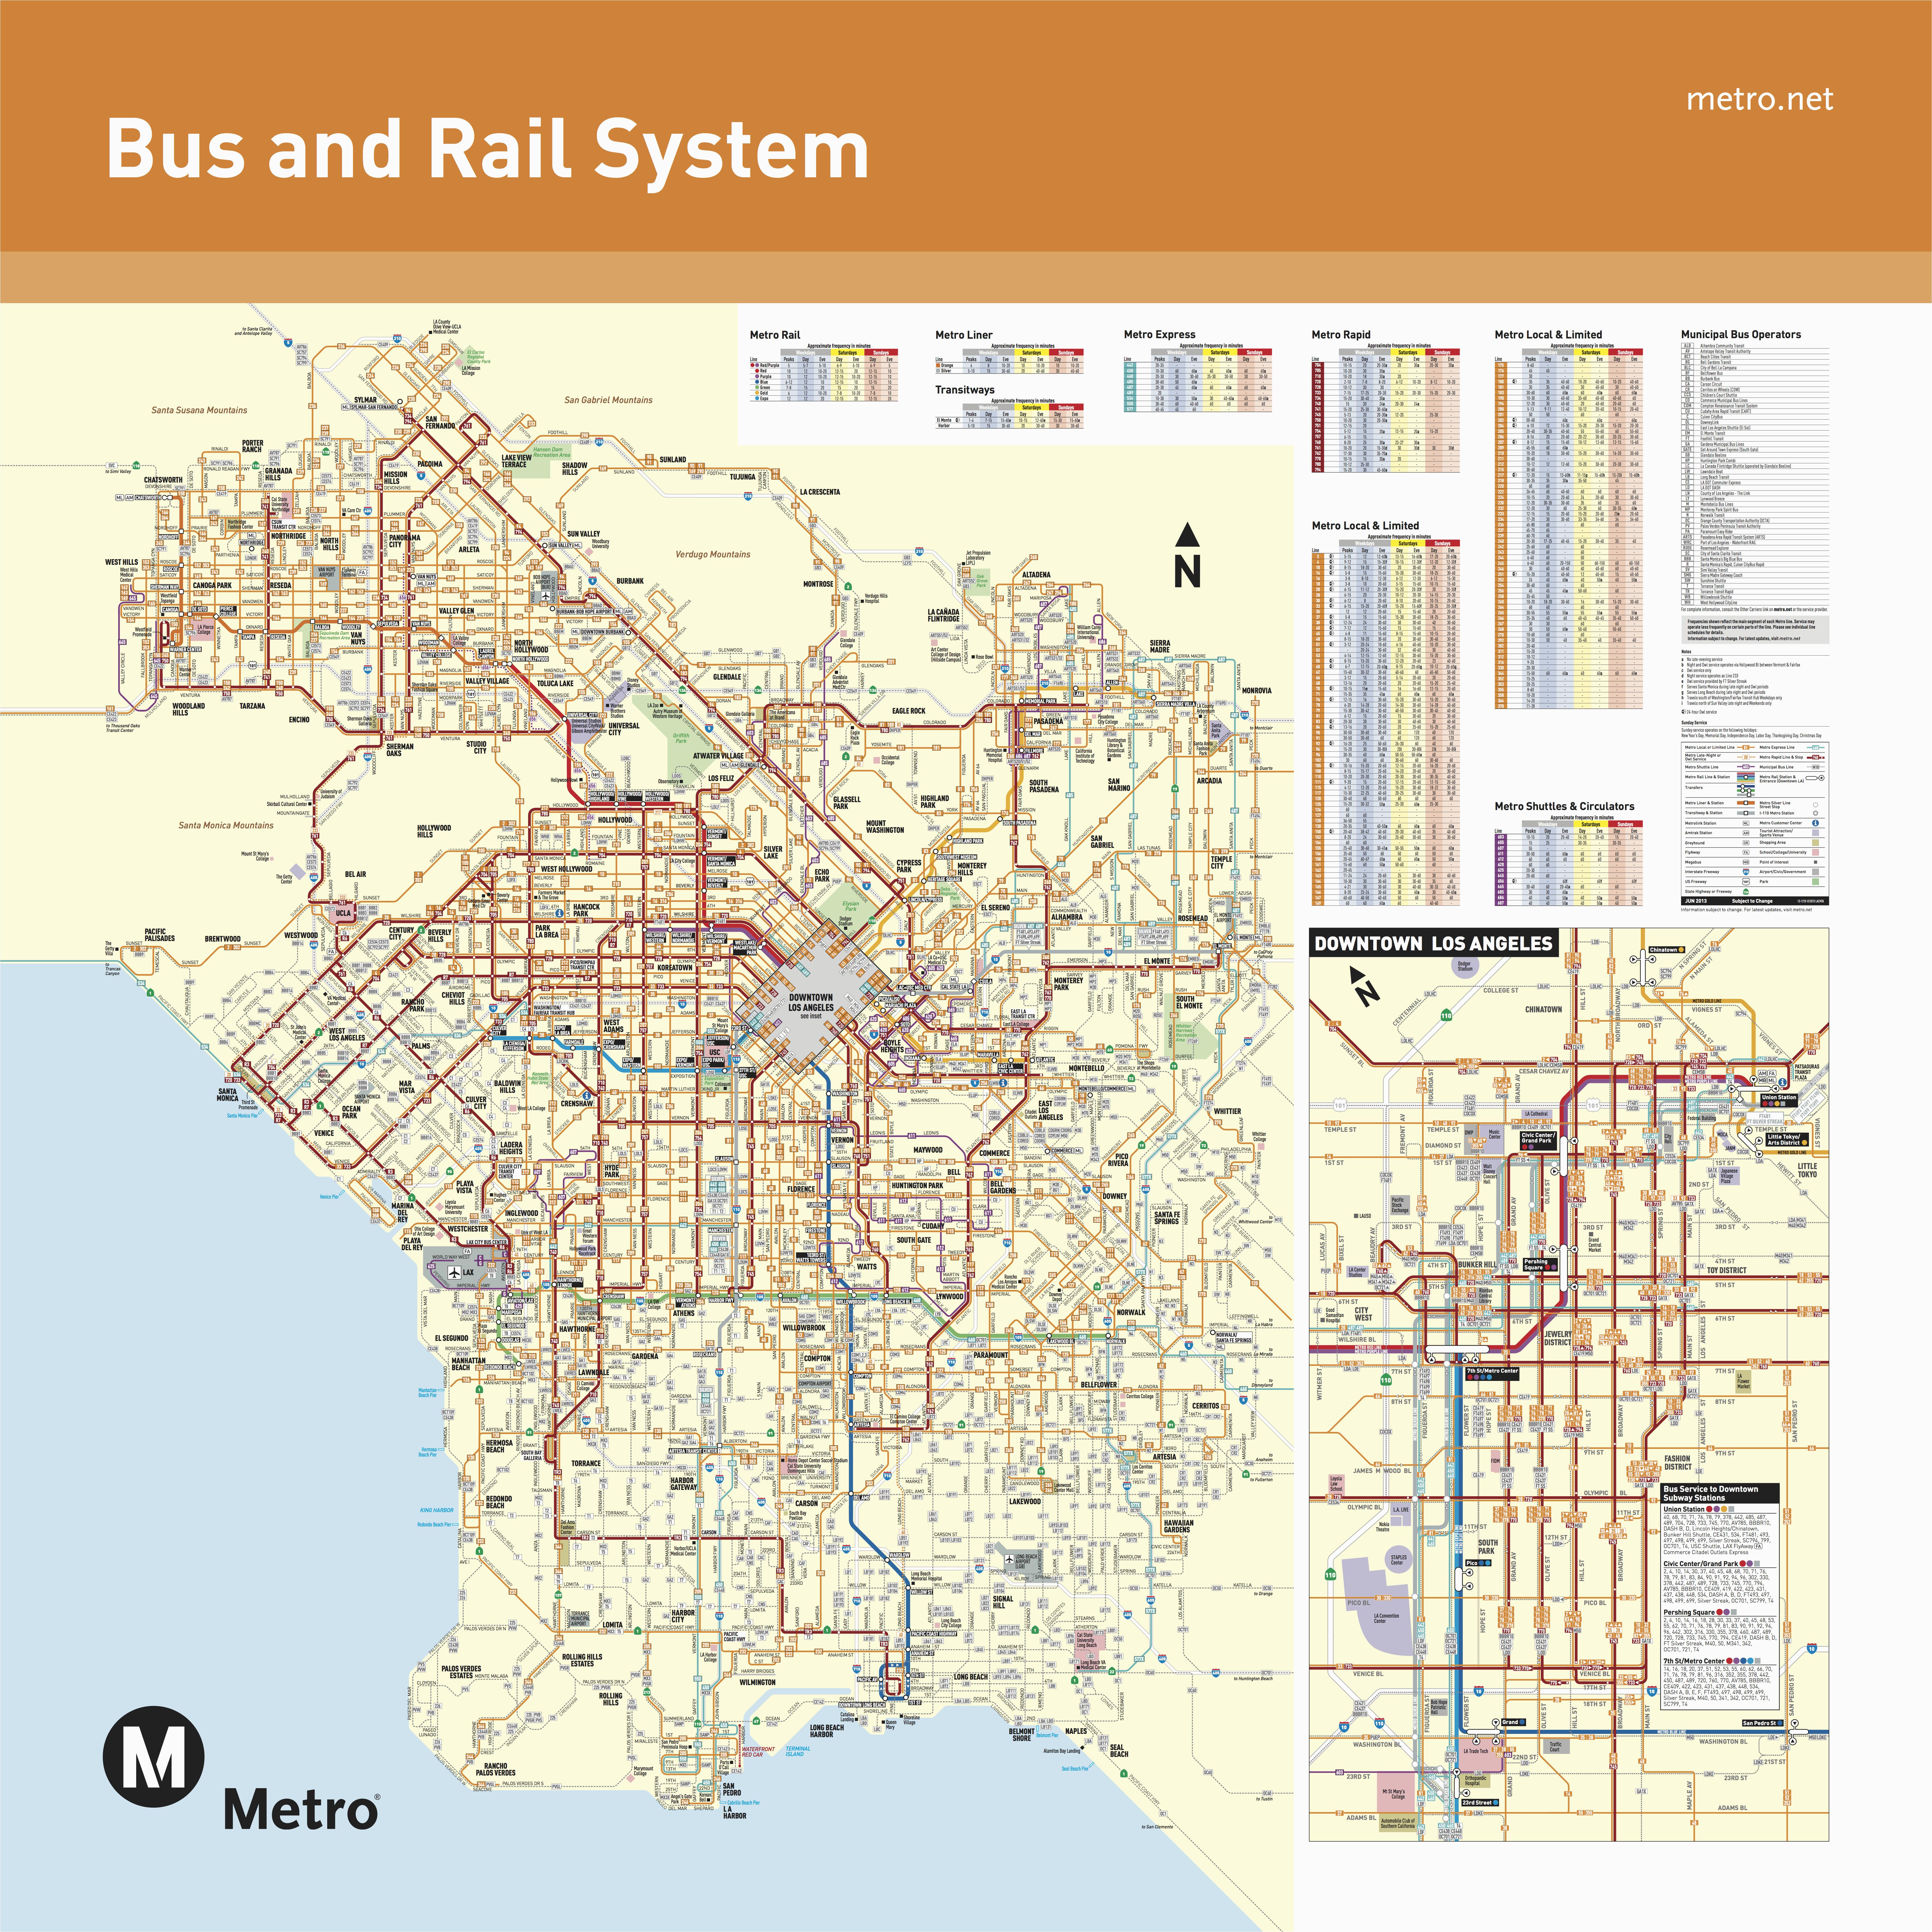 Granada Hills California Map June 2016 Bus And Rail System Maps - Granada Hills California Map